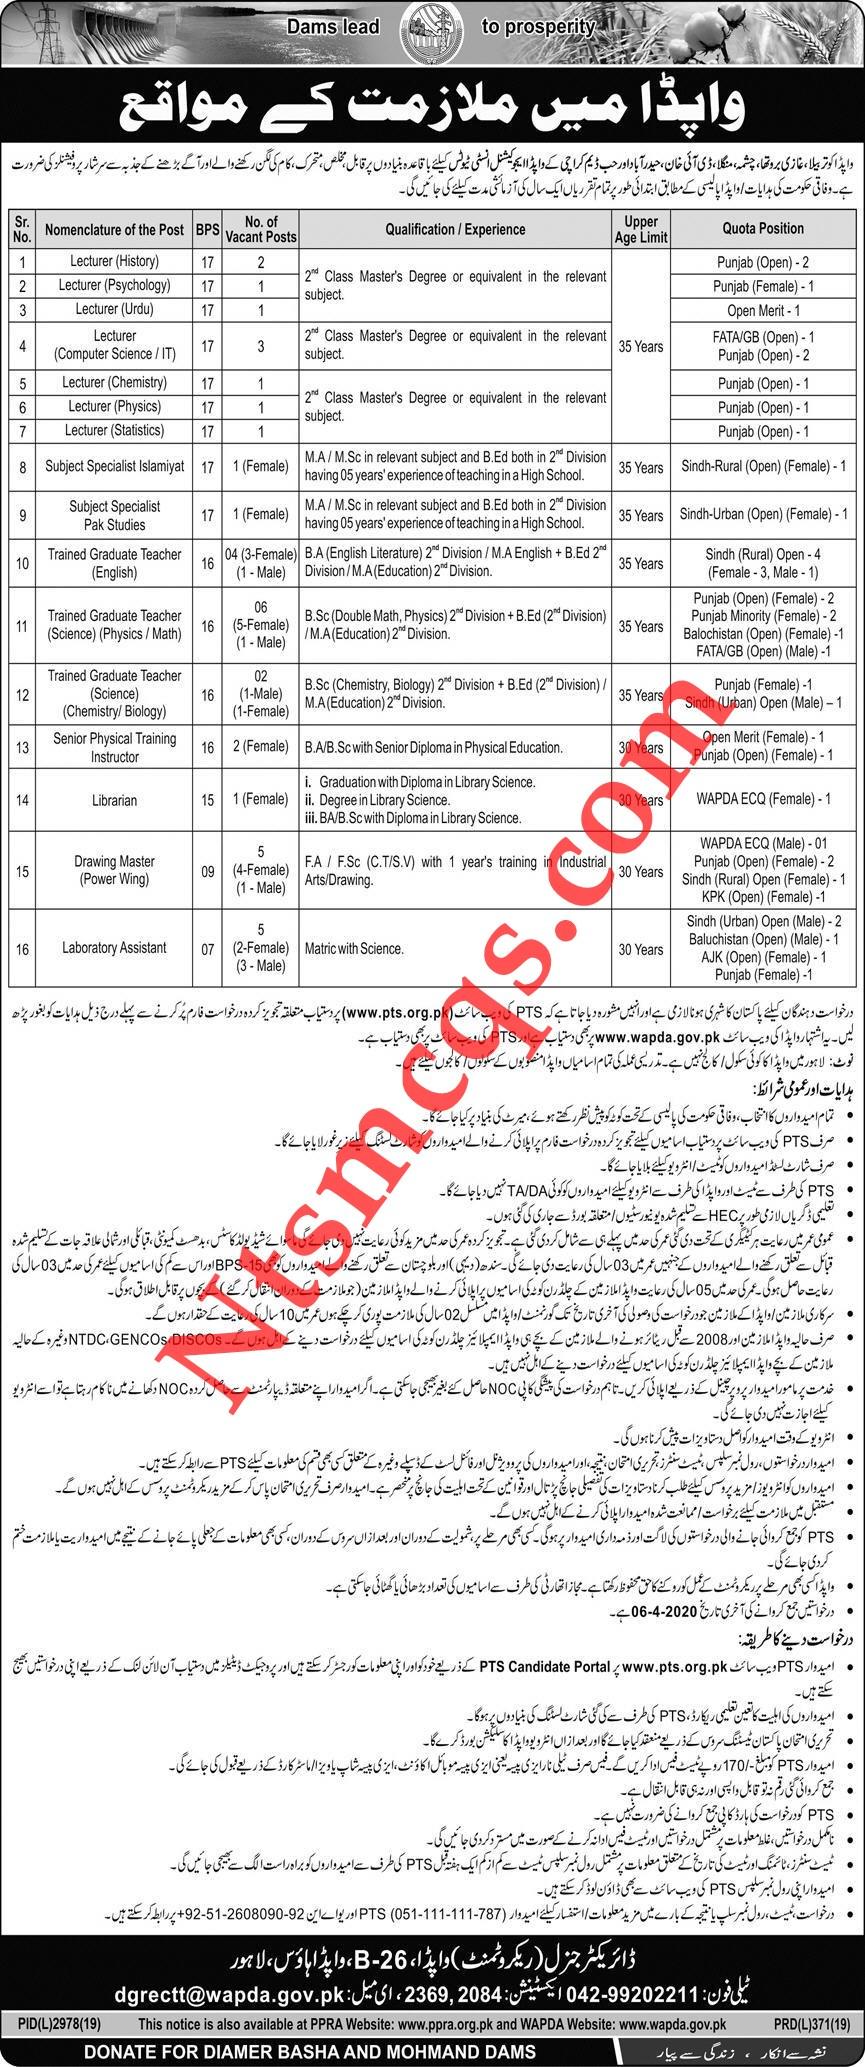 Water and Power Development Authority WAPDA Teacher Jobs 2021 PTS Application Form